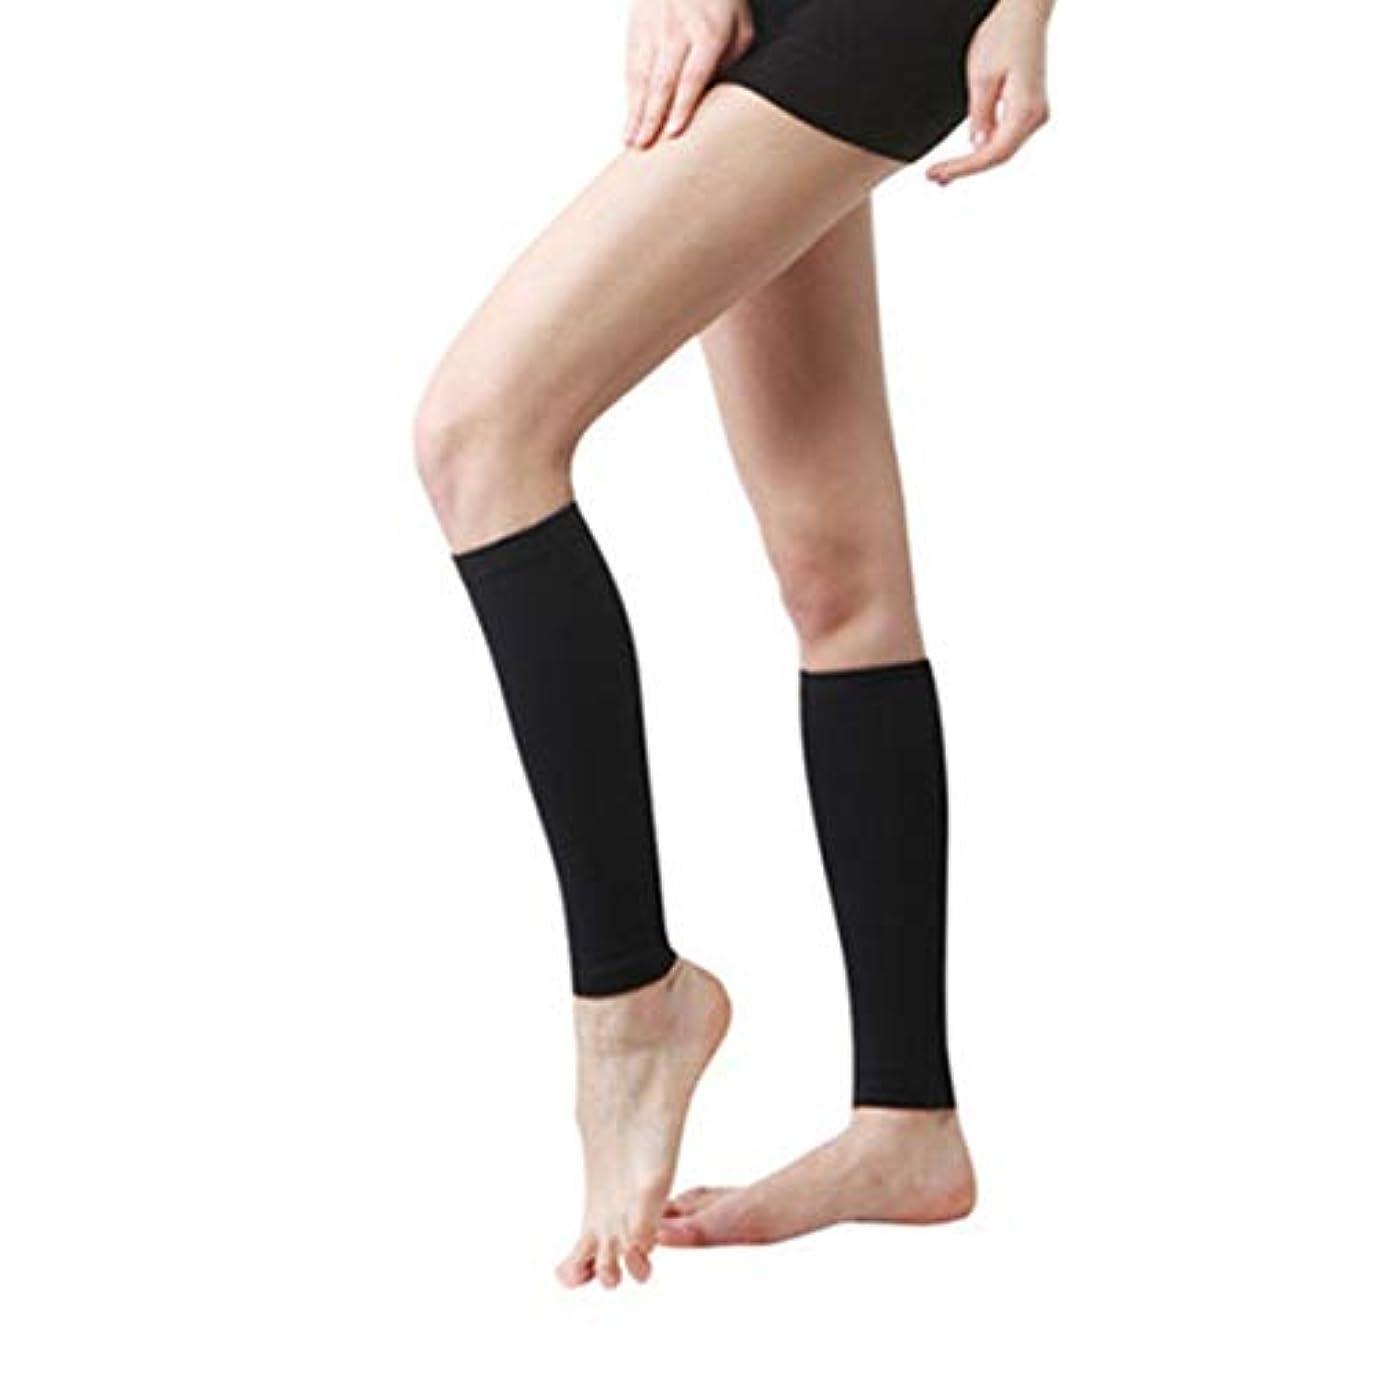 シーサイド再集計抽象丈夫な男性女性プロの圧縮靴下通気性のある旅行活動看護師用シンススプリントフライトトラベル - ブラック